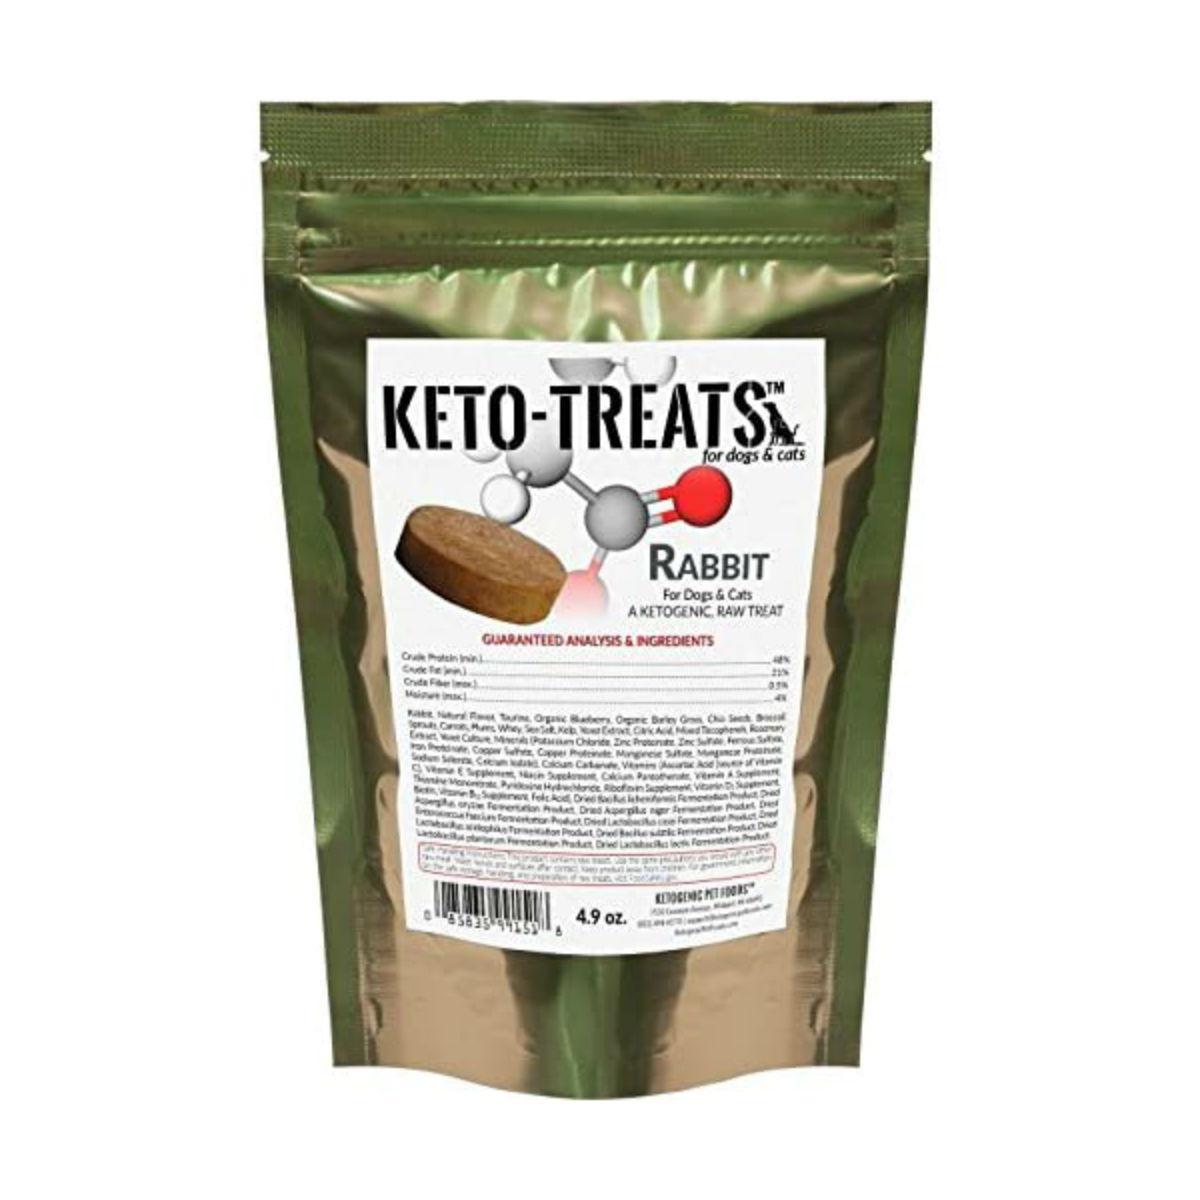 Ketogenic Pet Foods Keto-Treats™ Cat & Dog Treats - Rabbit